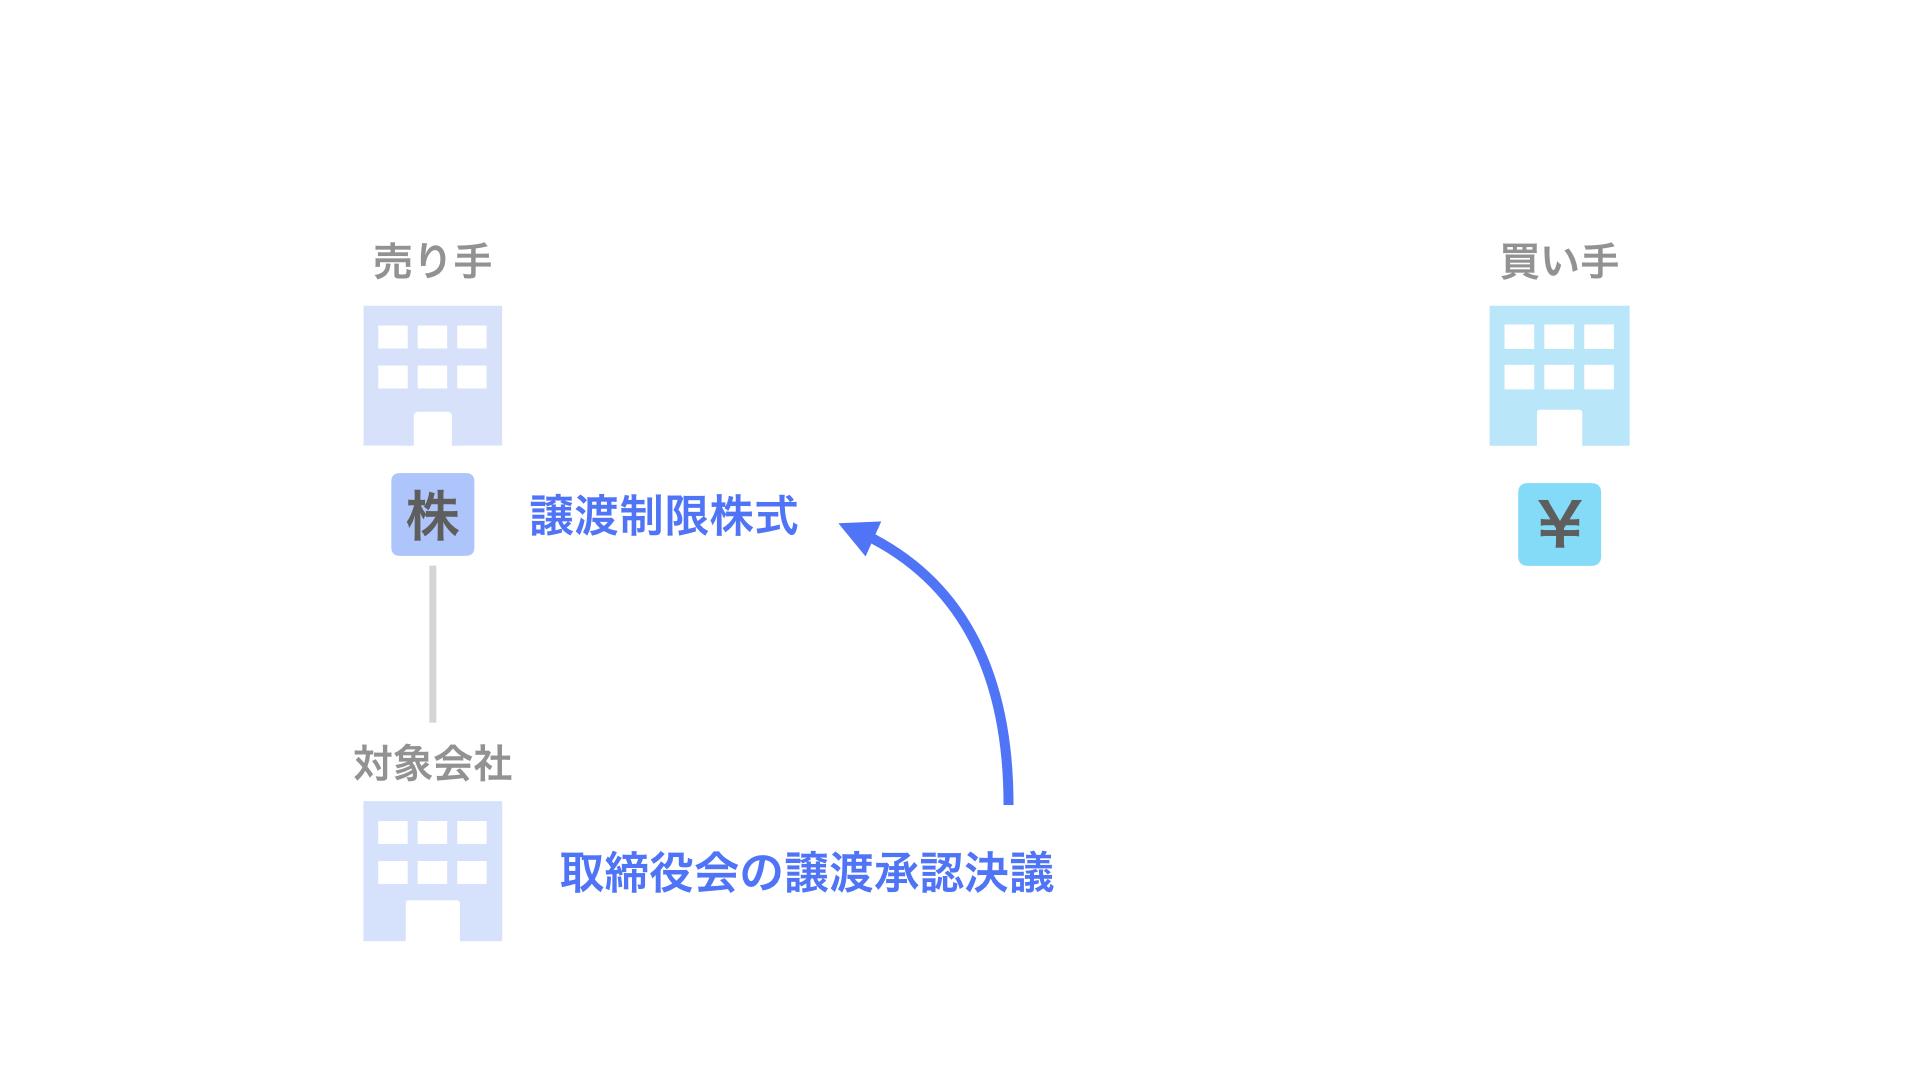 2-3. 譲渡制限株式